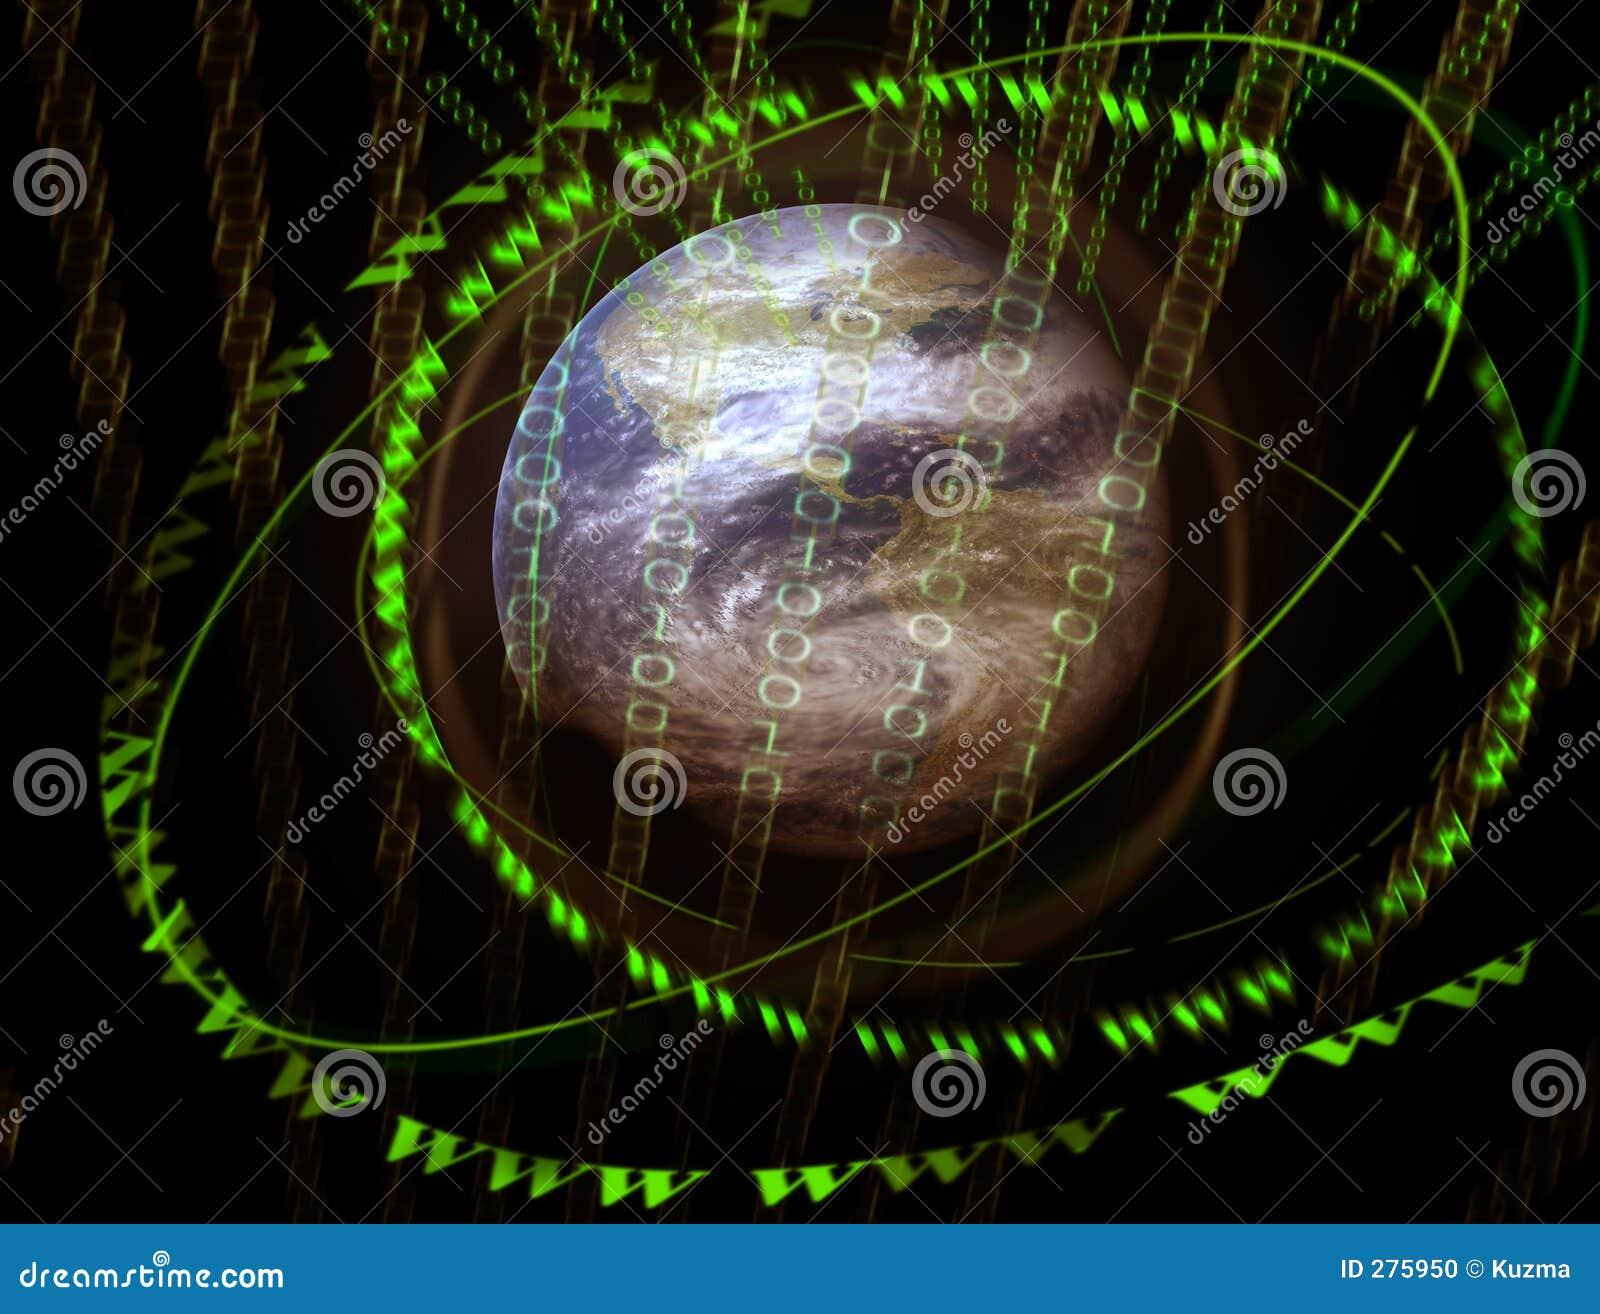 Digital värld 3d